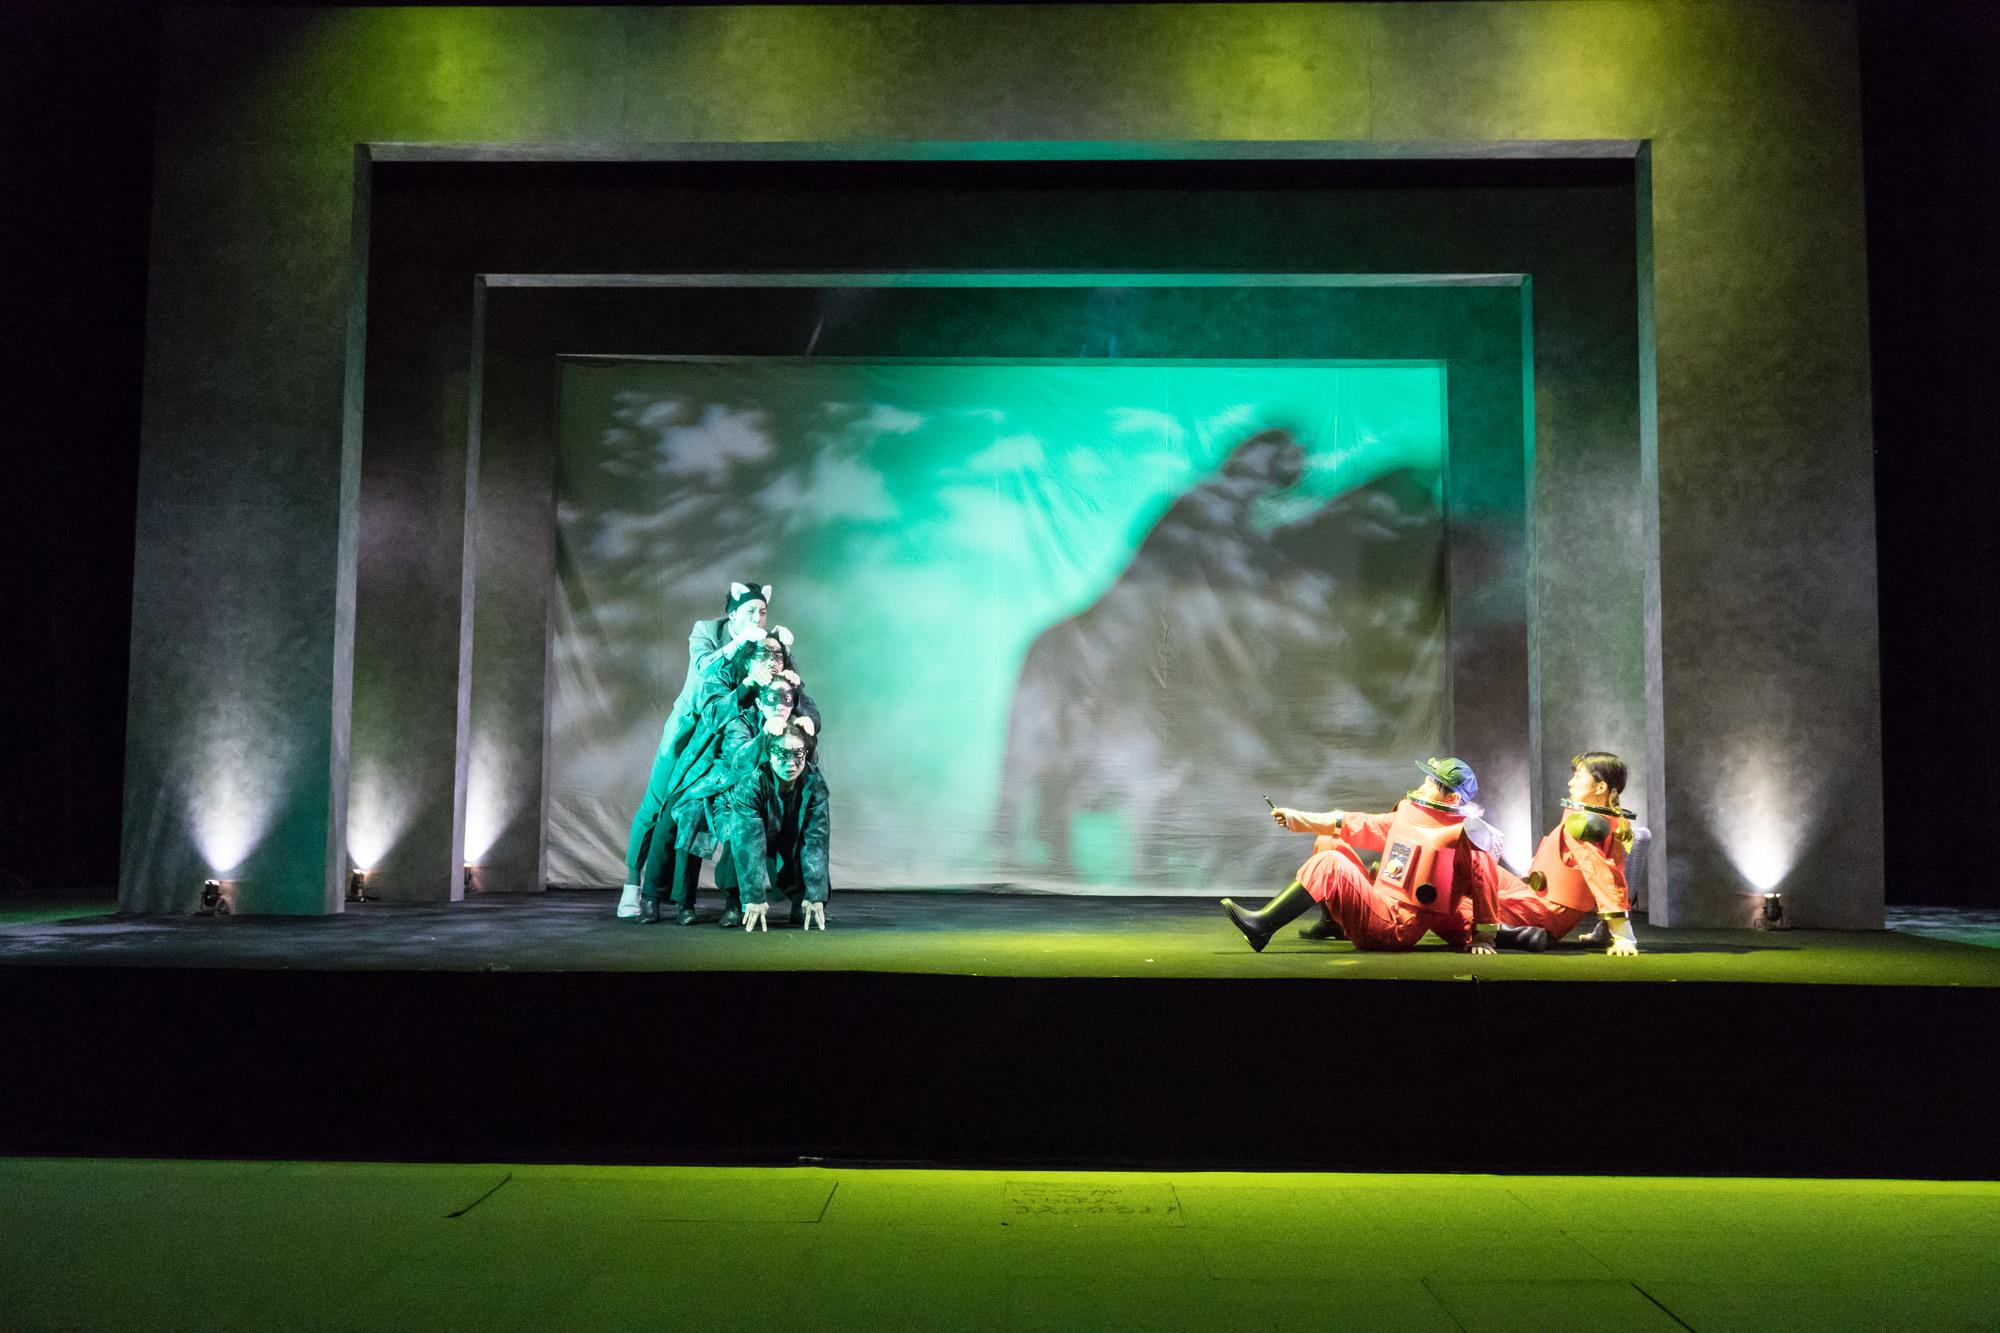 円・こどもステージ公演『青い鳥』(メーテルリンク作、阿部初美構成・演出)の舞台より。 撮影/森田貢造